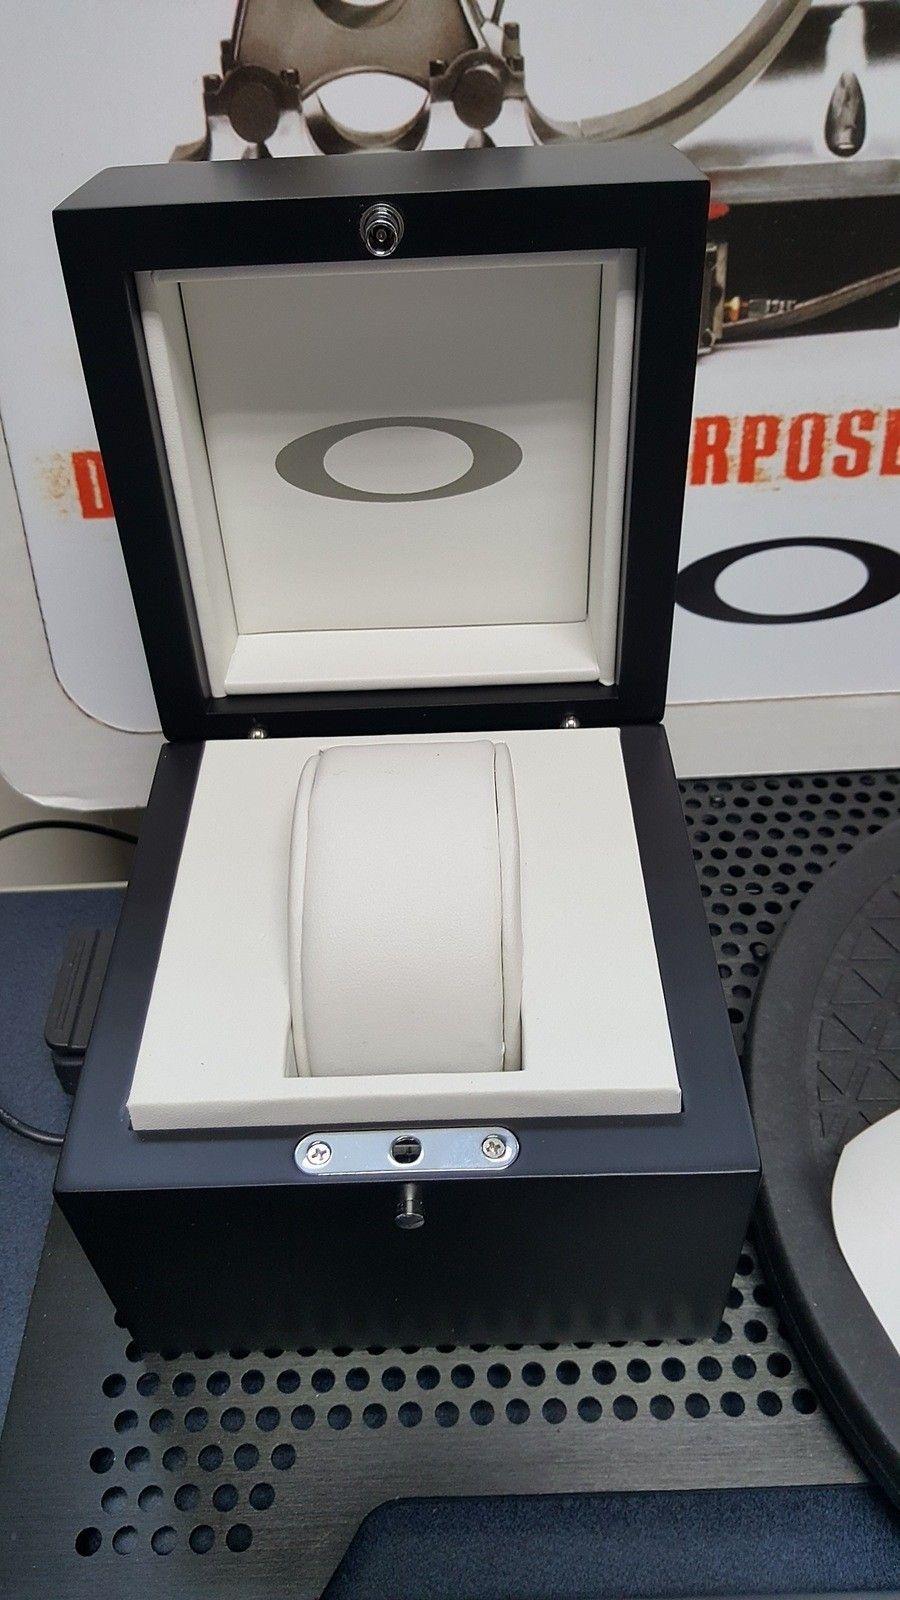 Double Tap - 800.00 Watch - Total Cost - Nib. w/metal bracelet w/case CONUS - 20160111_094933.jpg